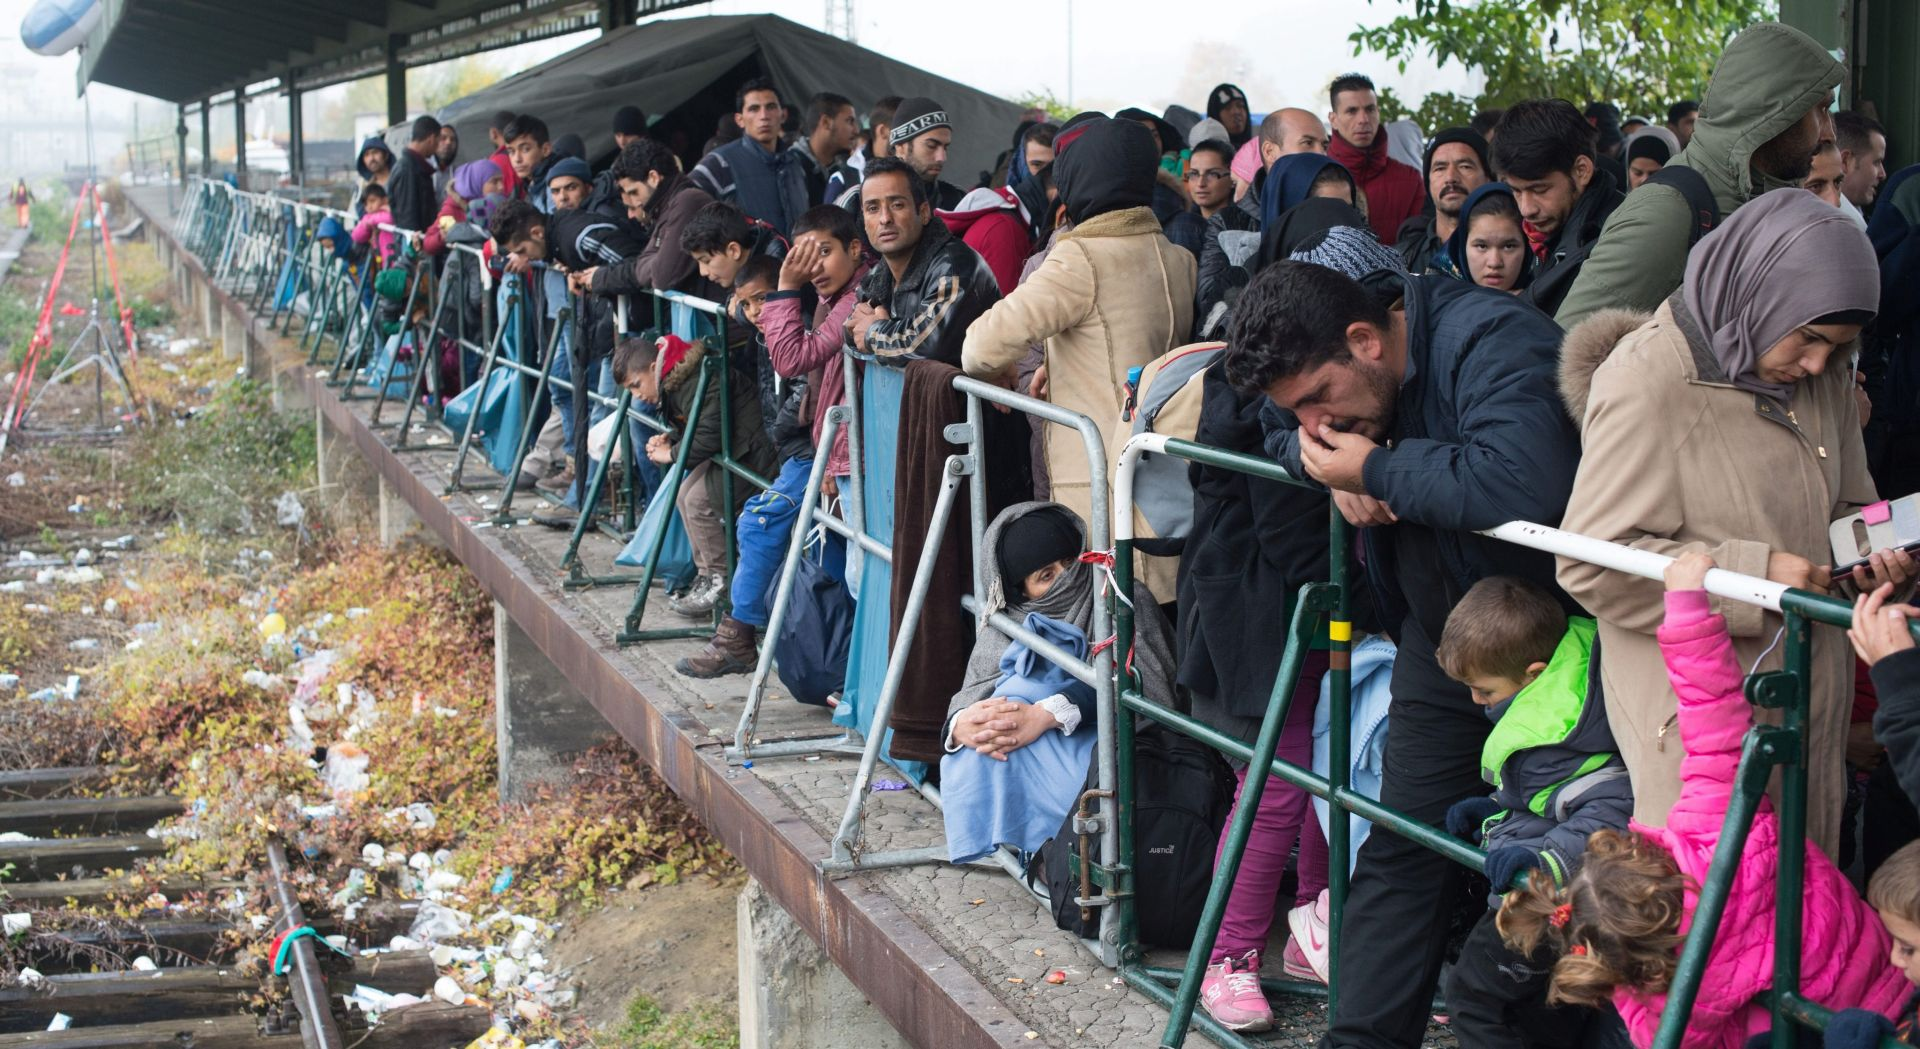 ŠEF NJEMAČKE POLICIJE Priljev izbjeglica prijetnja unutarnjoj sigurnosti zemlje